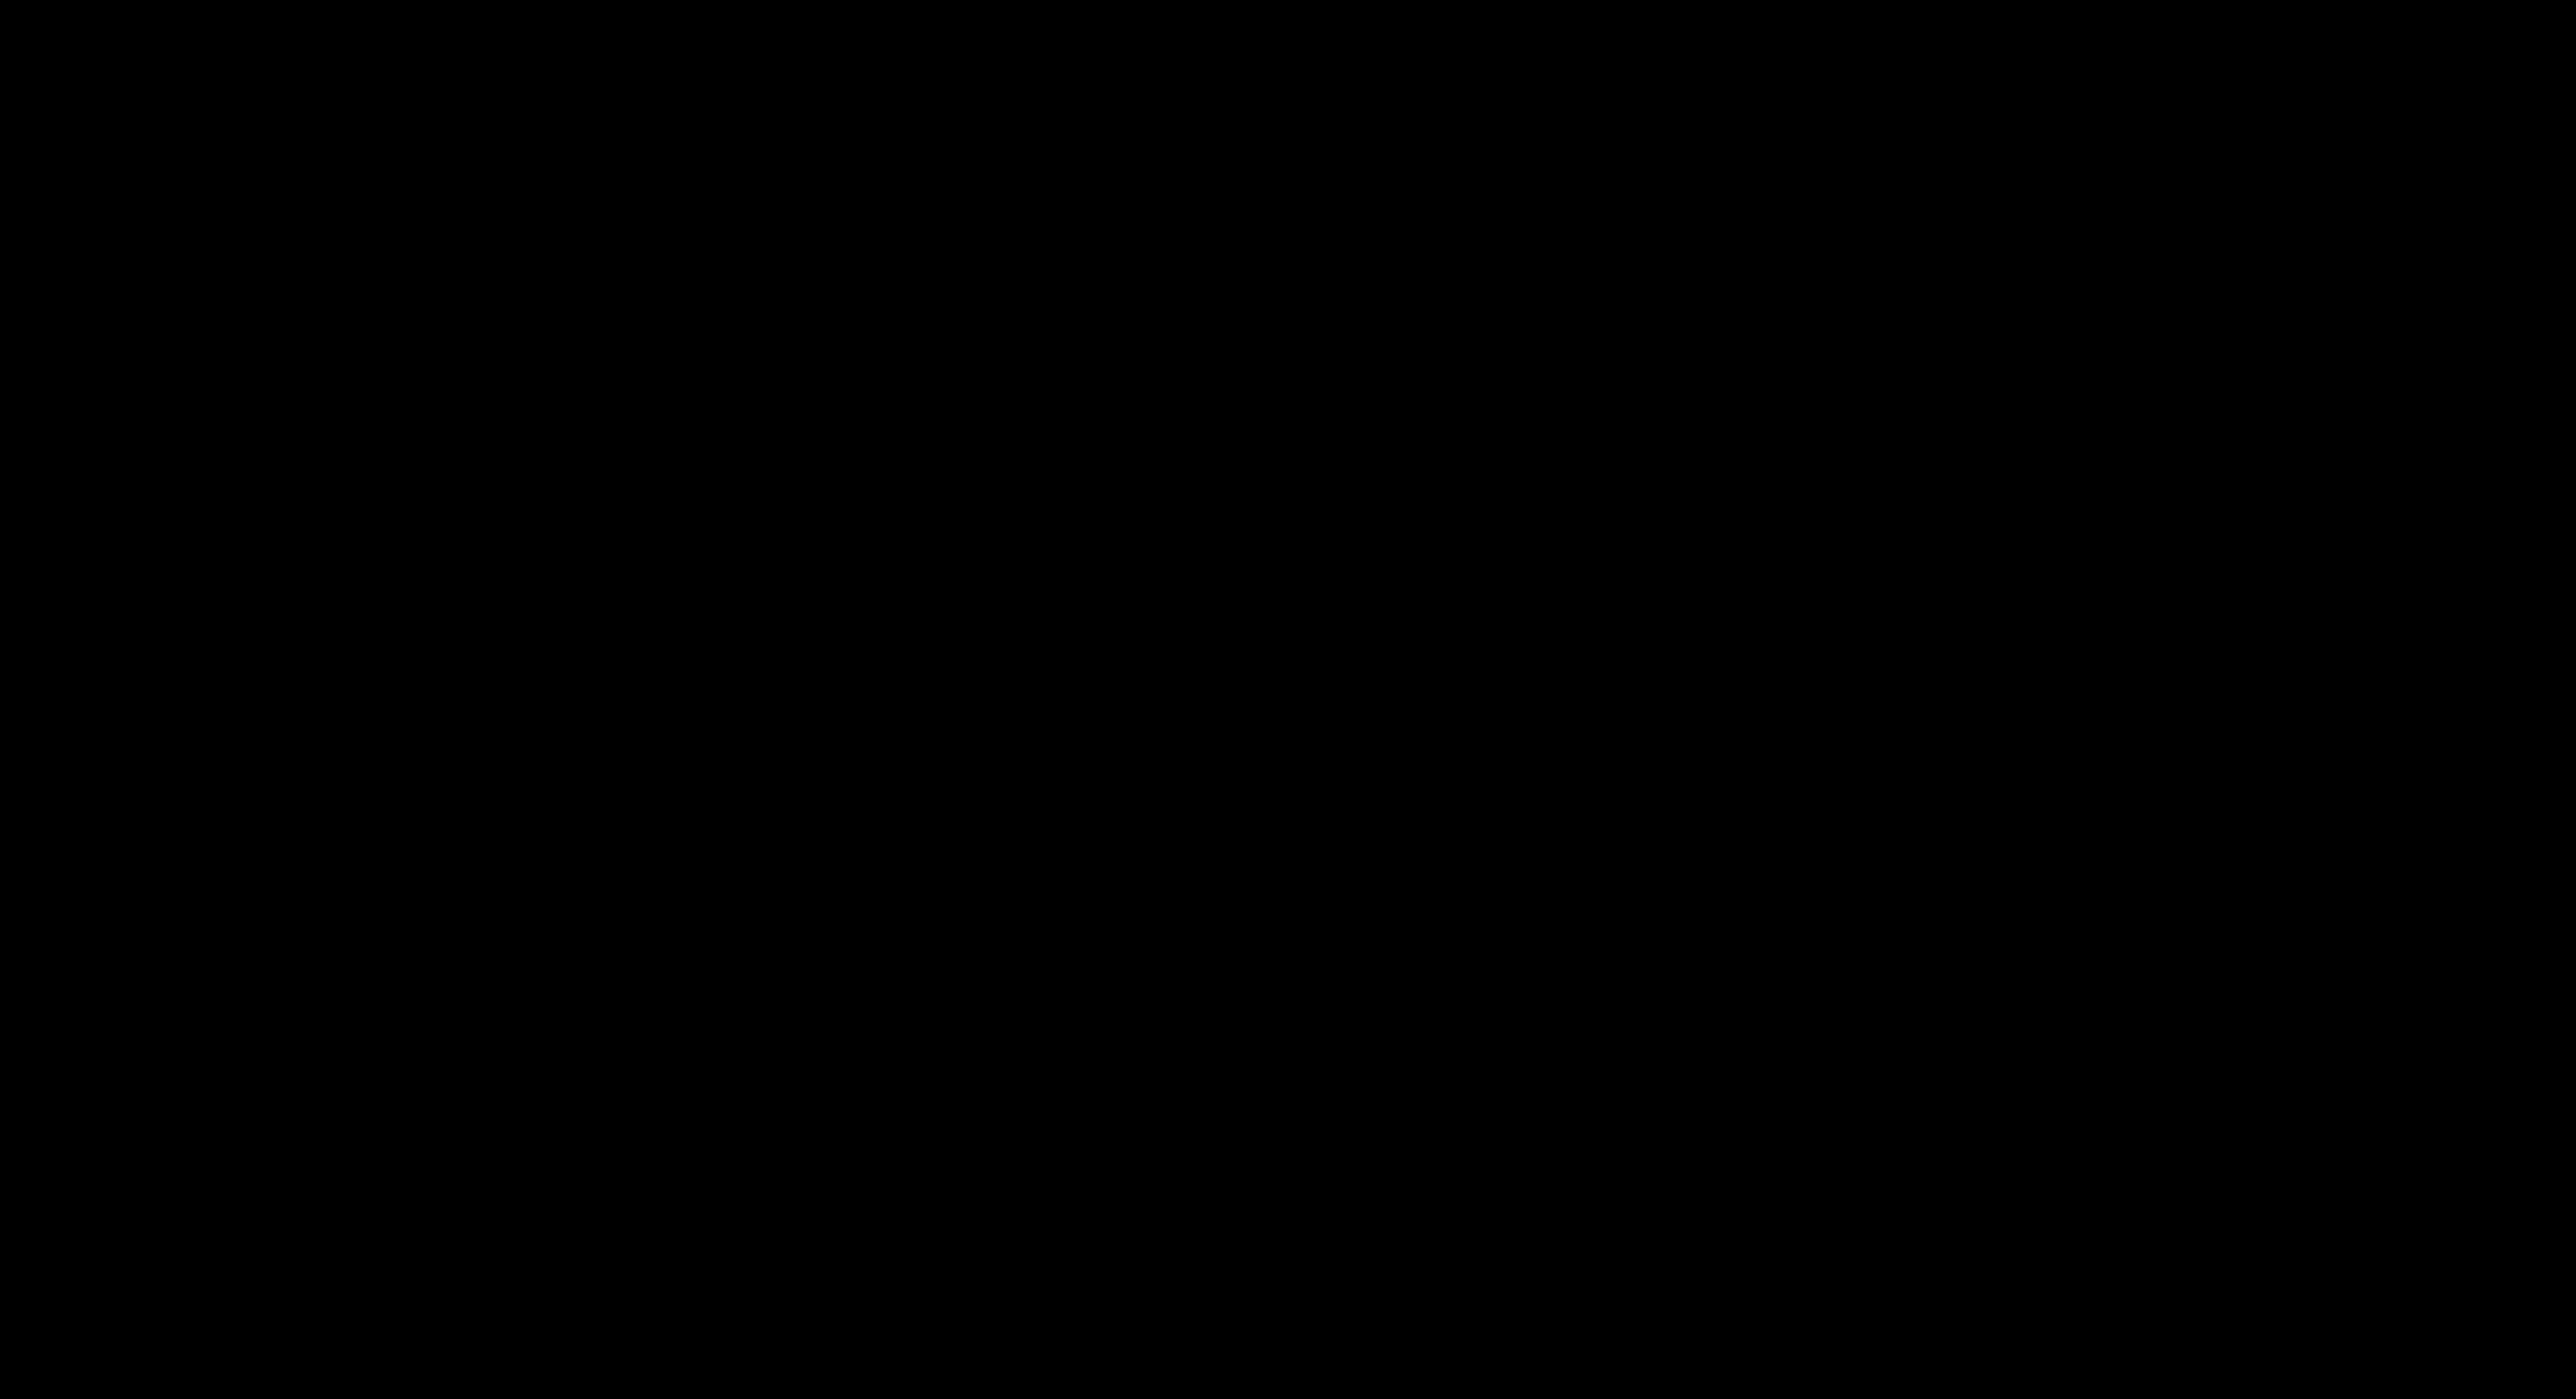 Kerastase - Sty PNG